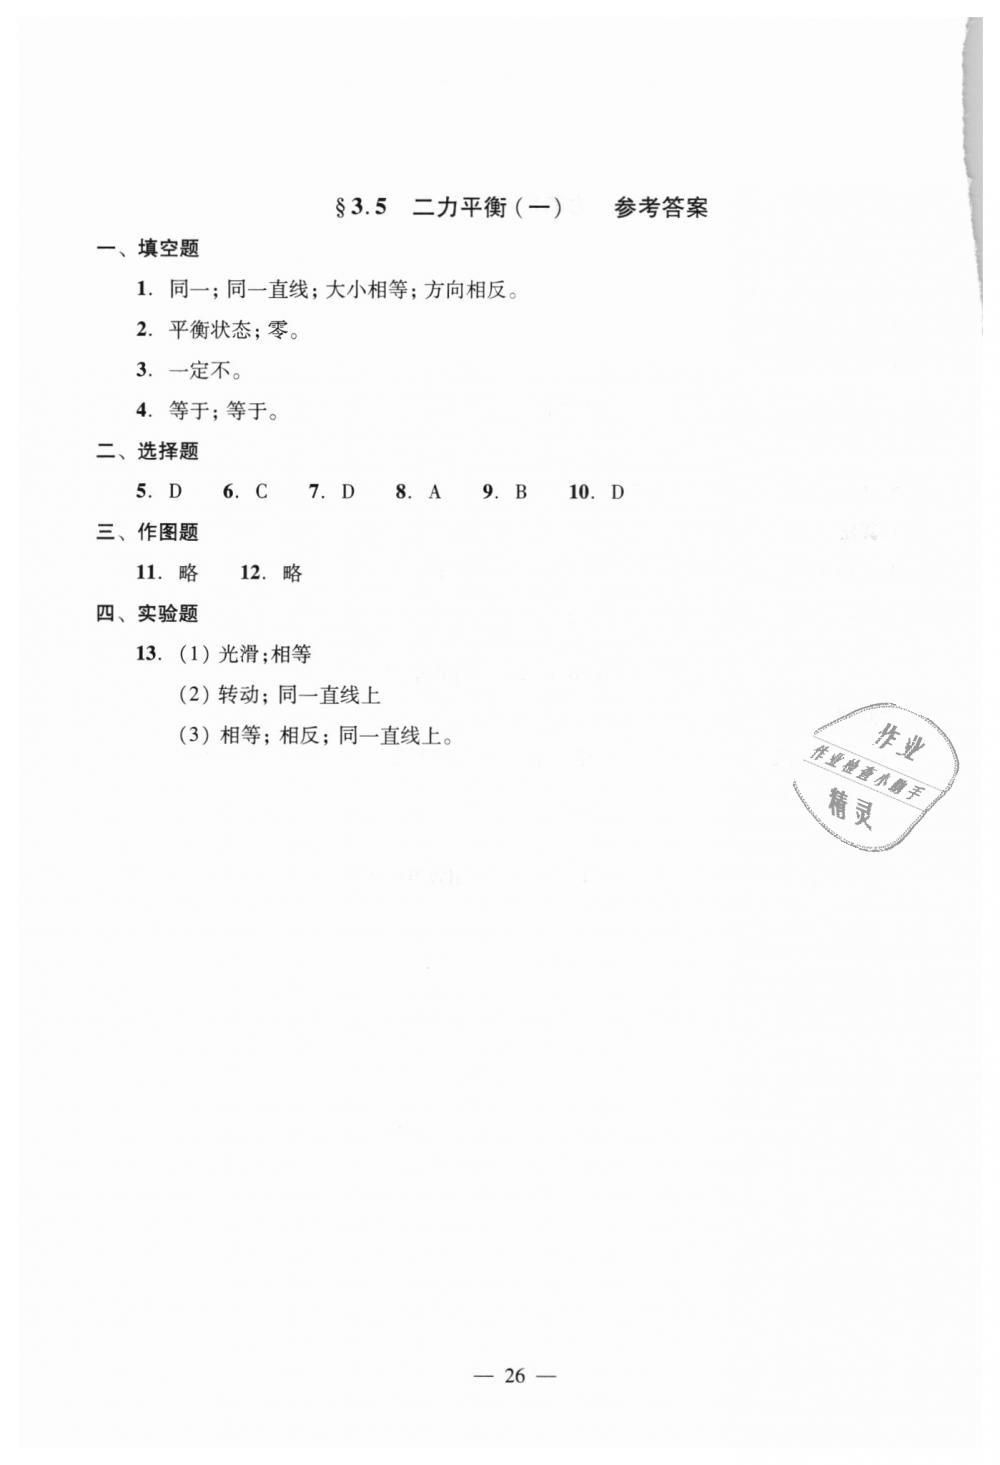 2018年初中物理双基过关堂堂练八年级全一册沪教版第26页